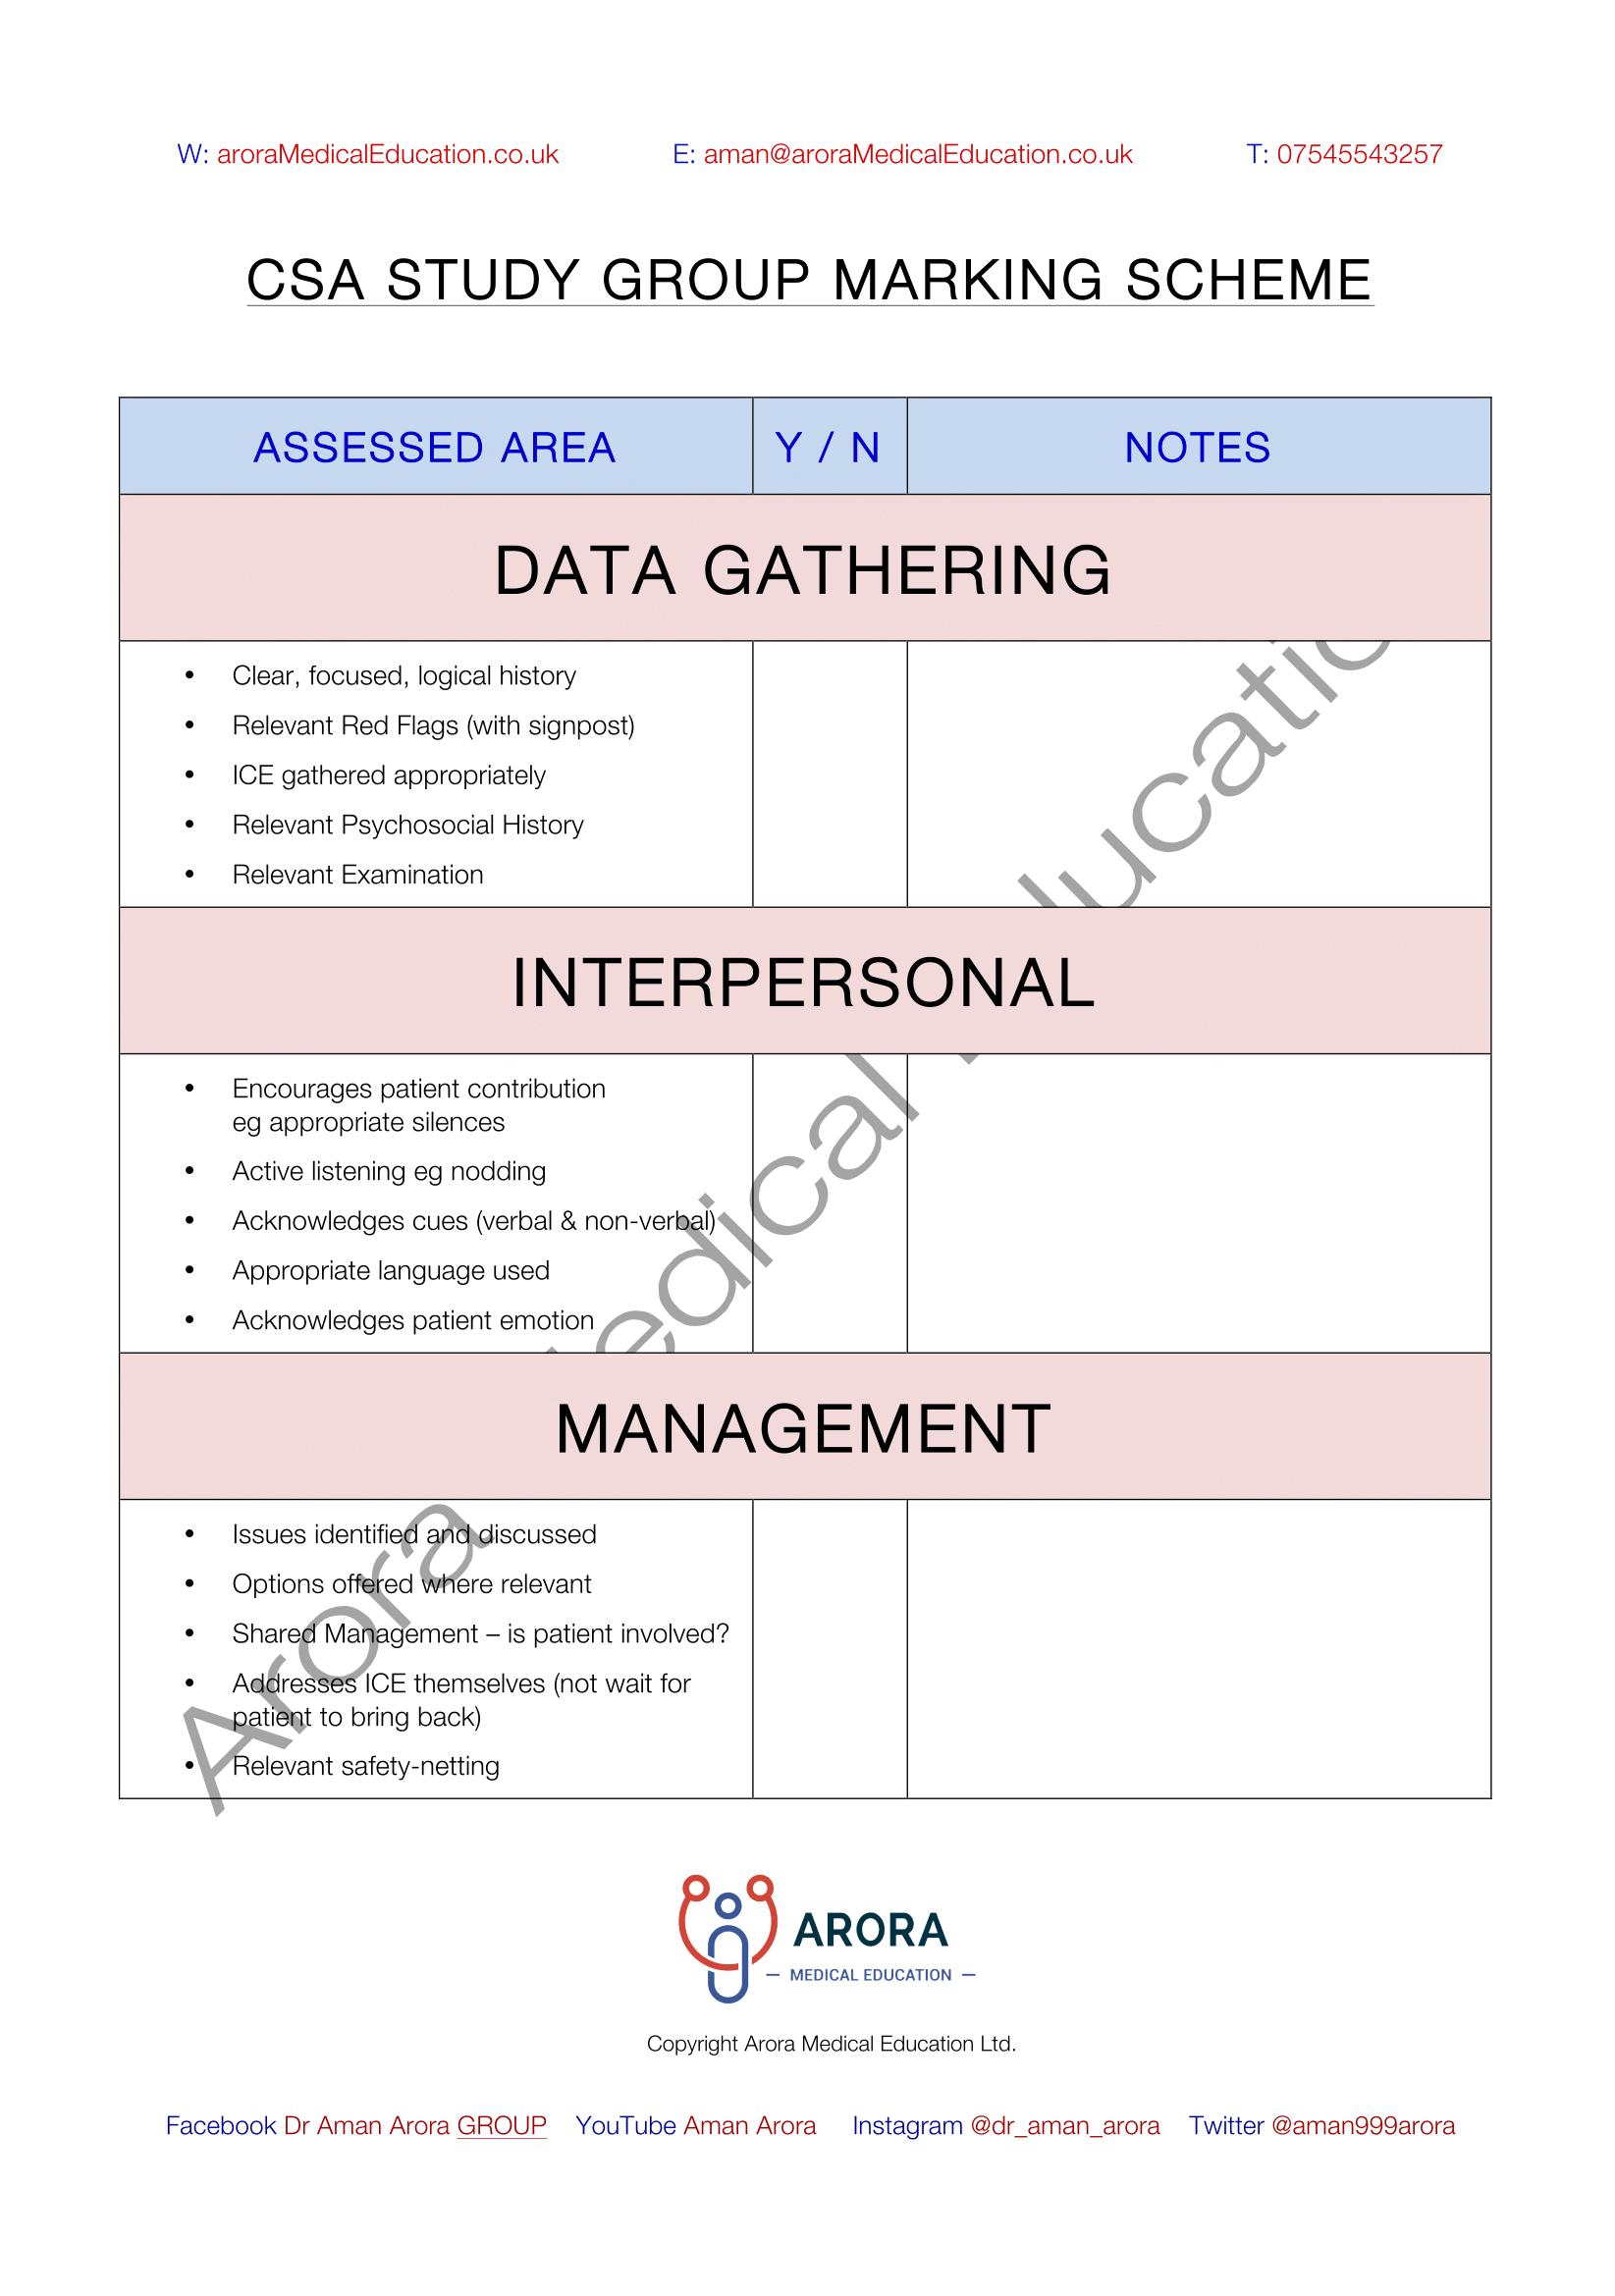 AroraMedicalEducation CSA Marking Scheme-1